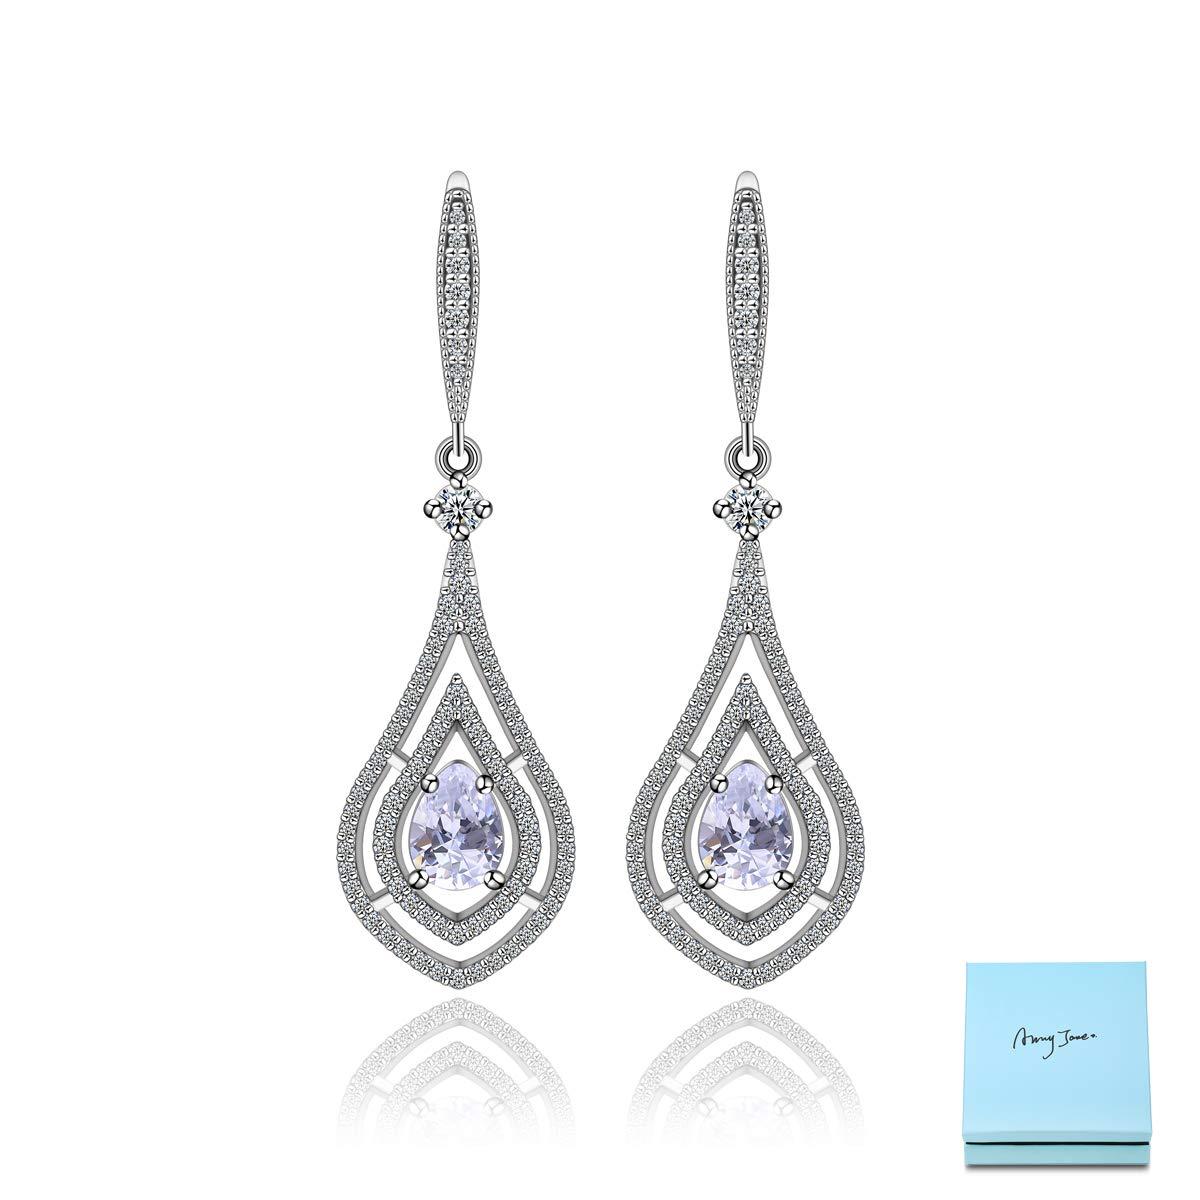 431fe6701 AMYJANE Cubic Zirconia Teardrop Dangle Earrings - Sterling Silver Pear  Shape Crystal CZ Chandelier Rhinestone Wedding Statement Earring for Bride  ...